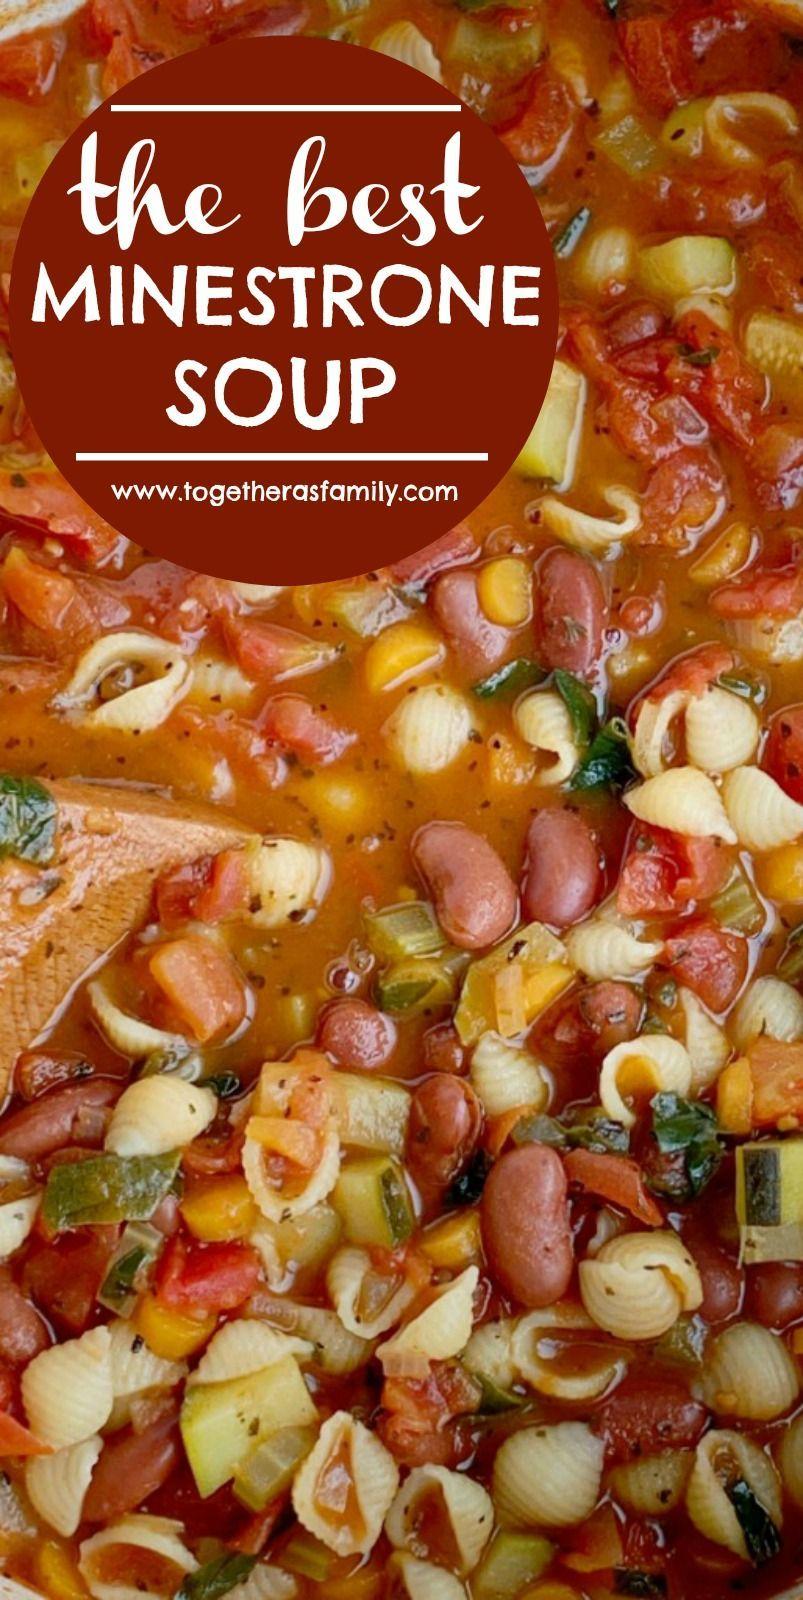 La mejor sopa de minestrone   Receta De Sopa   Receta Saludable   ¡Esta es honestamente la mejor sopa de minestrone! Una base de tomate con caldo de v... #christmasdinner #como #dinnergrill #dinnermenu #dinnerroom